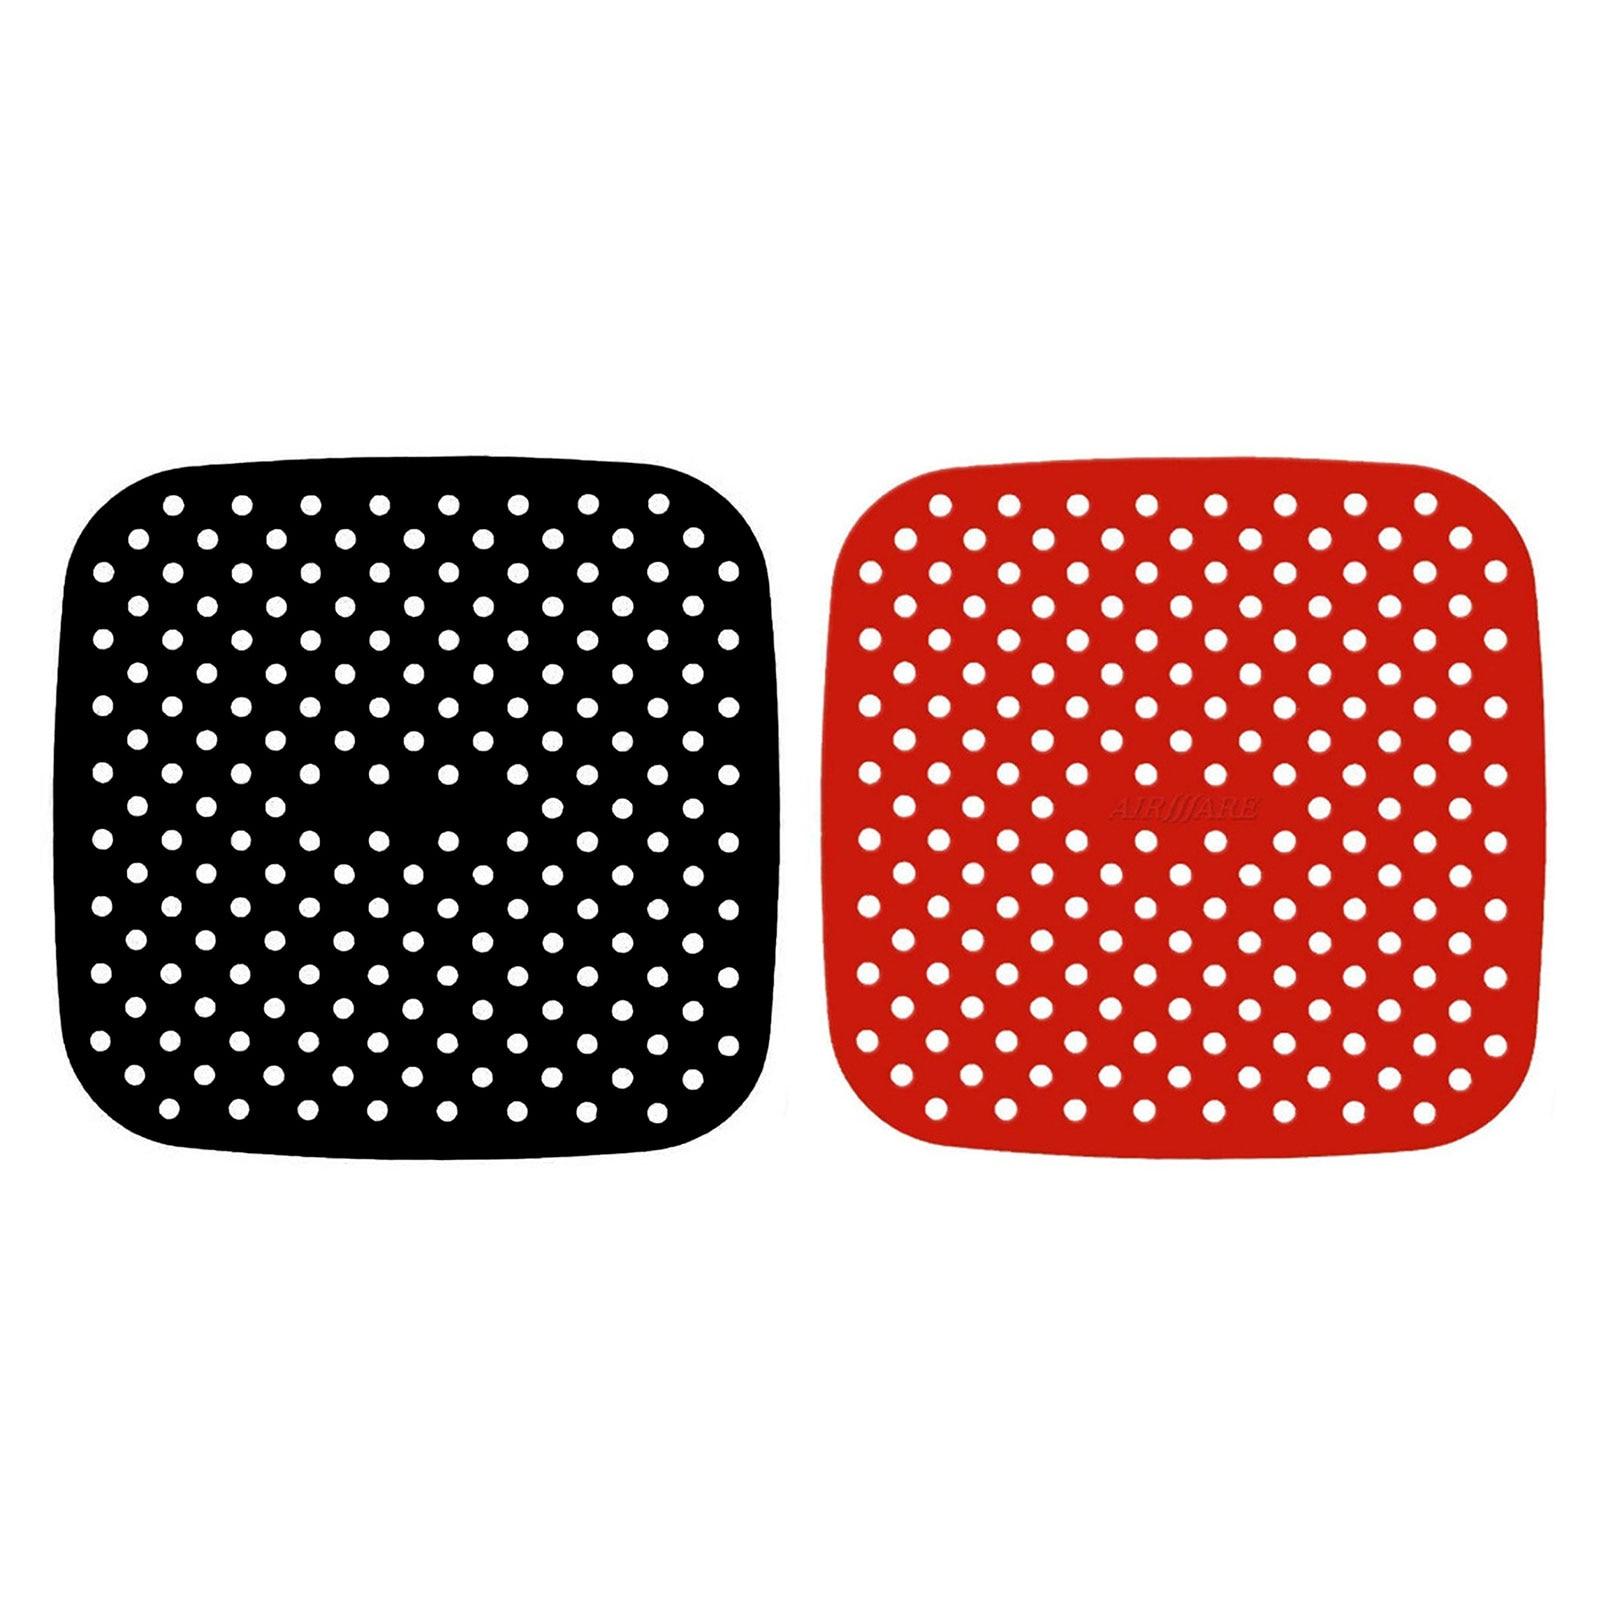 Кухонные инструменты Гаджеты кухонная посуда многоразовая подкладка для фритюрницы Нескользящая силиконовая подкладка принадлежности дл...